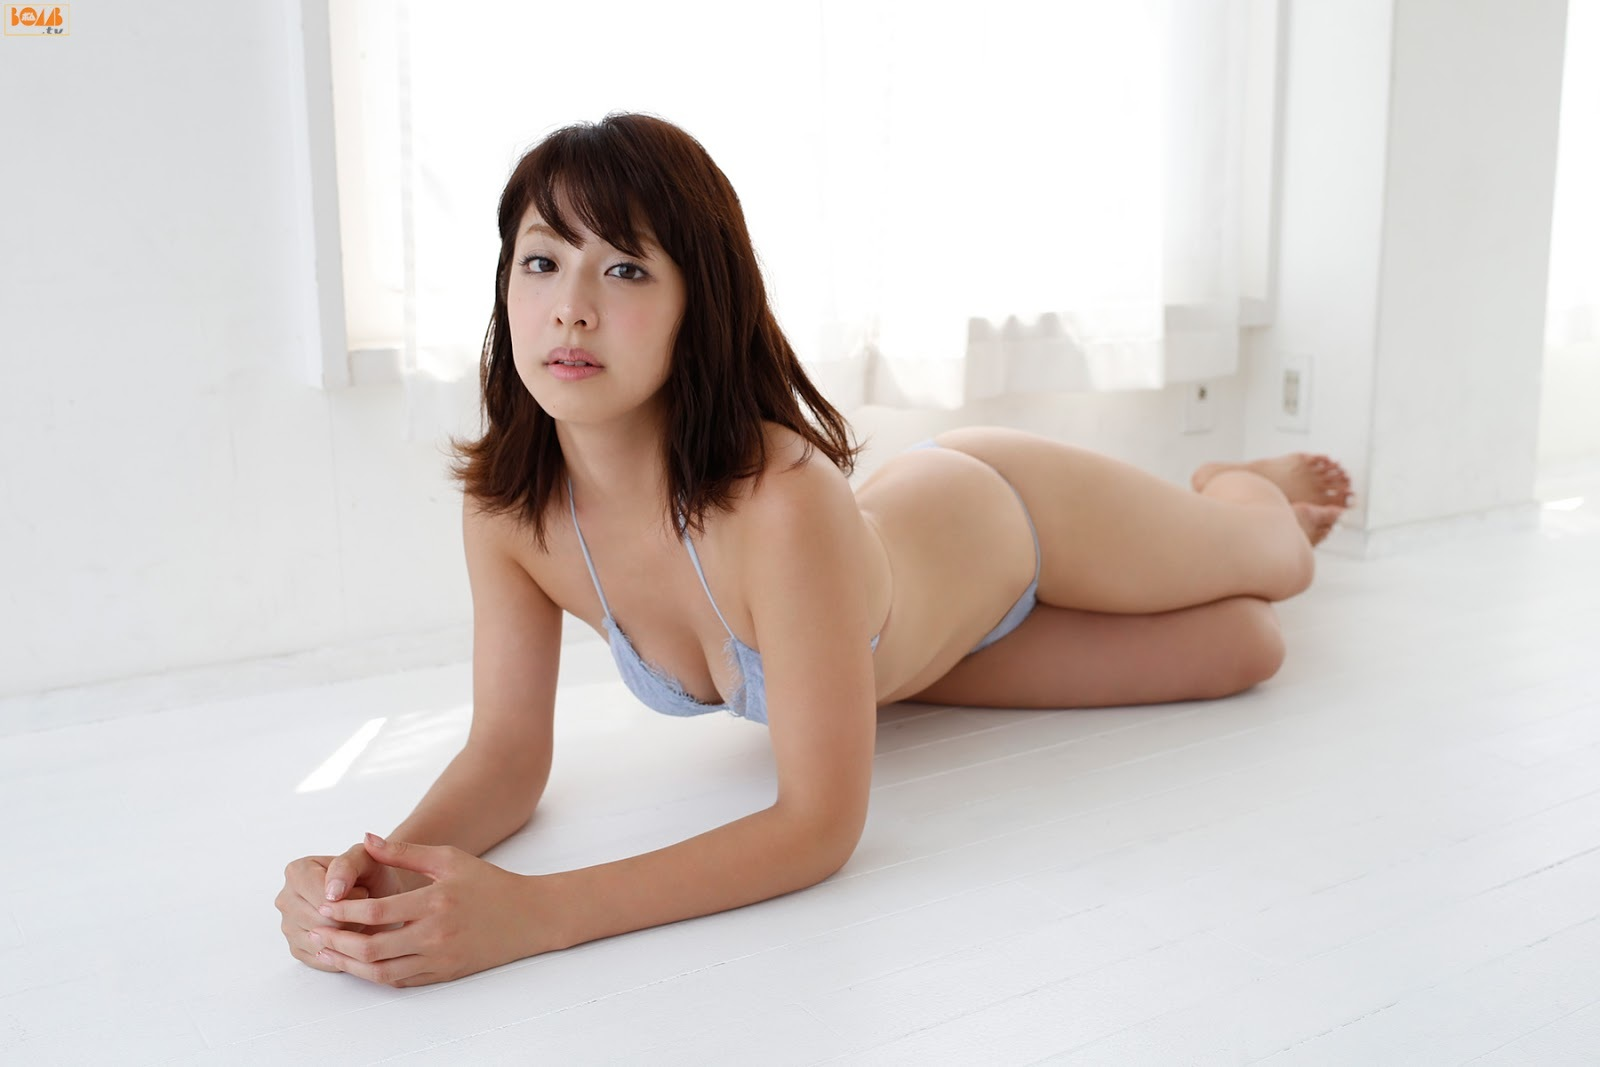 本郷杏奈84